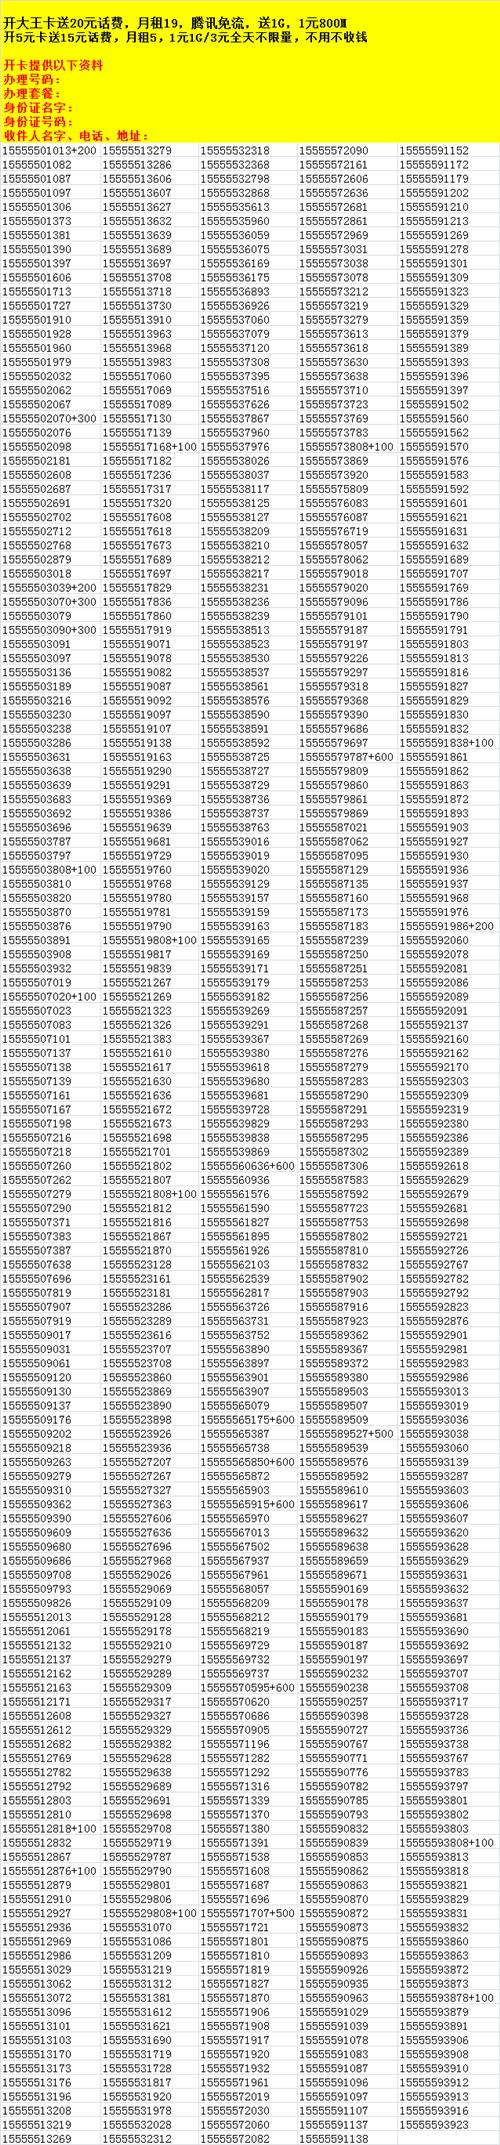 155555手机靓号澳门威尼斯人在线娱乐